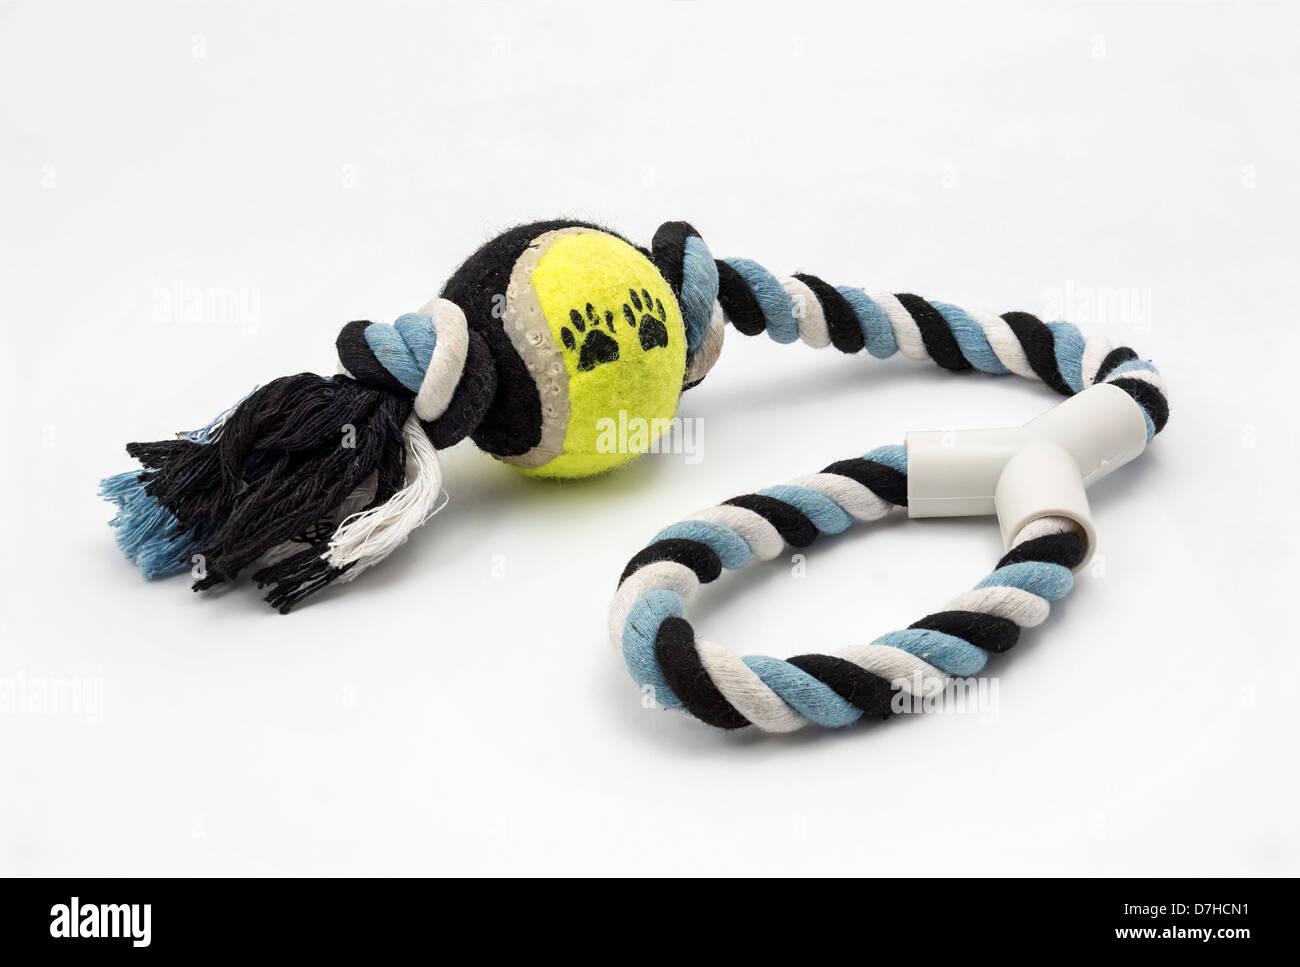 Bola y tirando de la cuerda para un perro de juguete Imagen De Stock